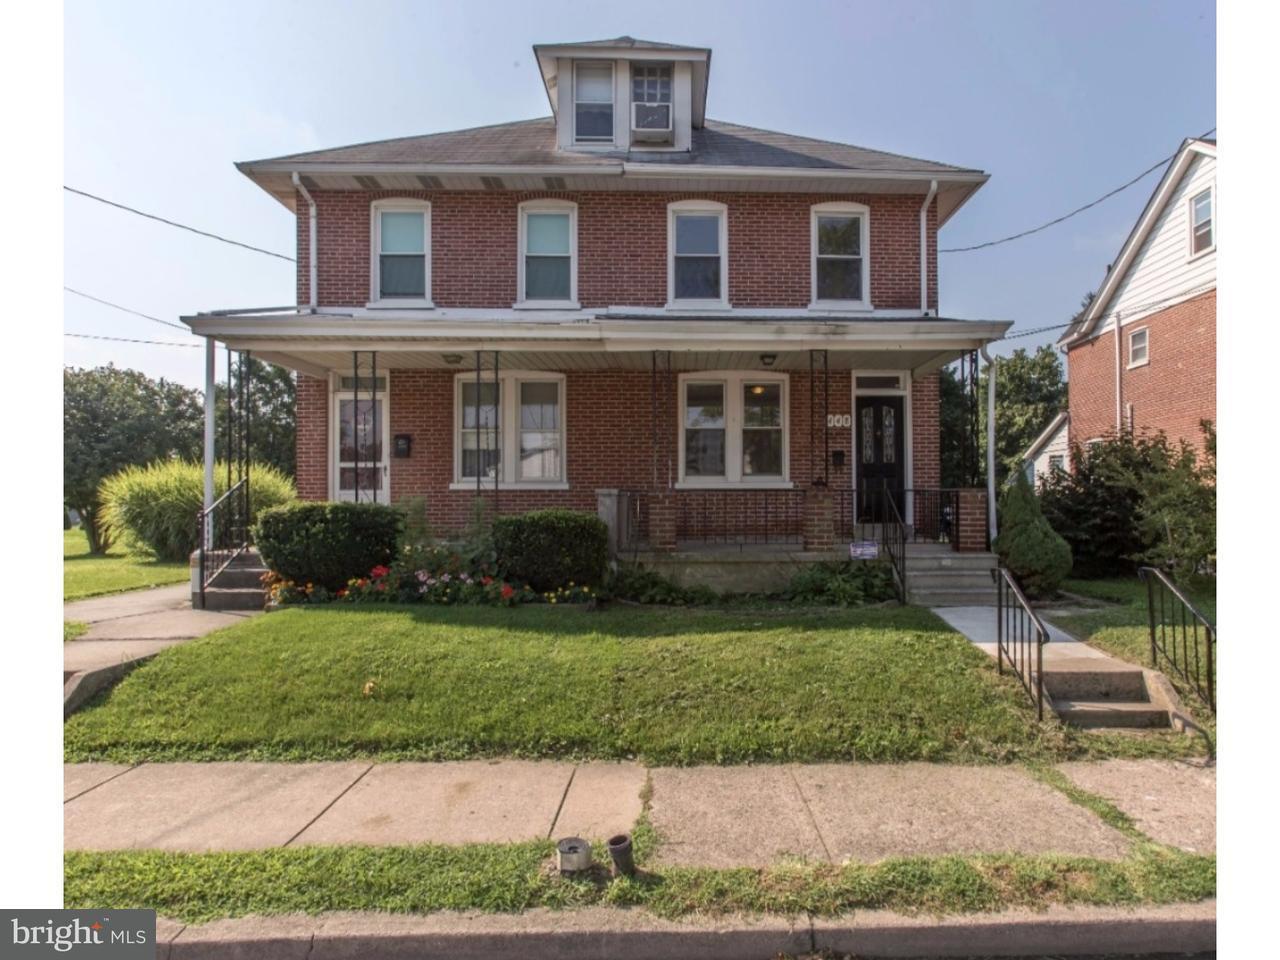 联栋屋 为 出租 在 448 BIRCH Street 肯尼特广场, 宾夕法尼亚州 19348 美国